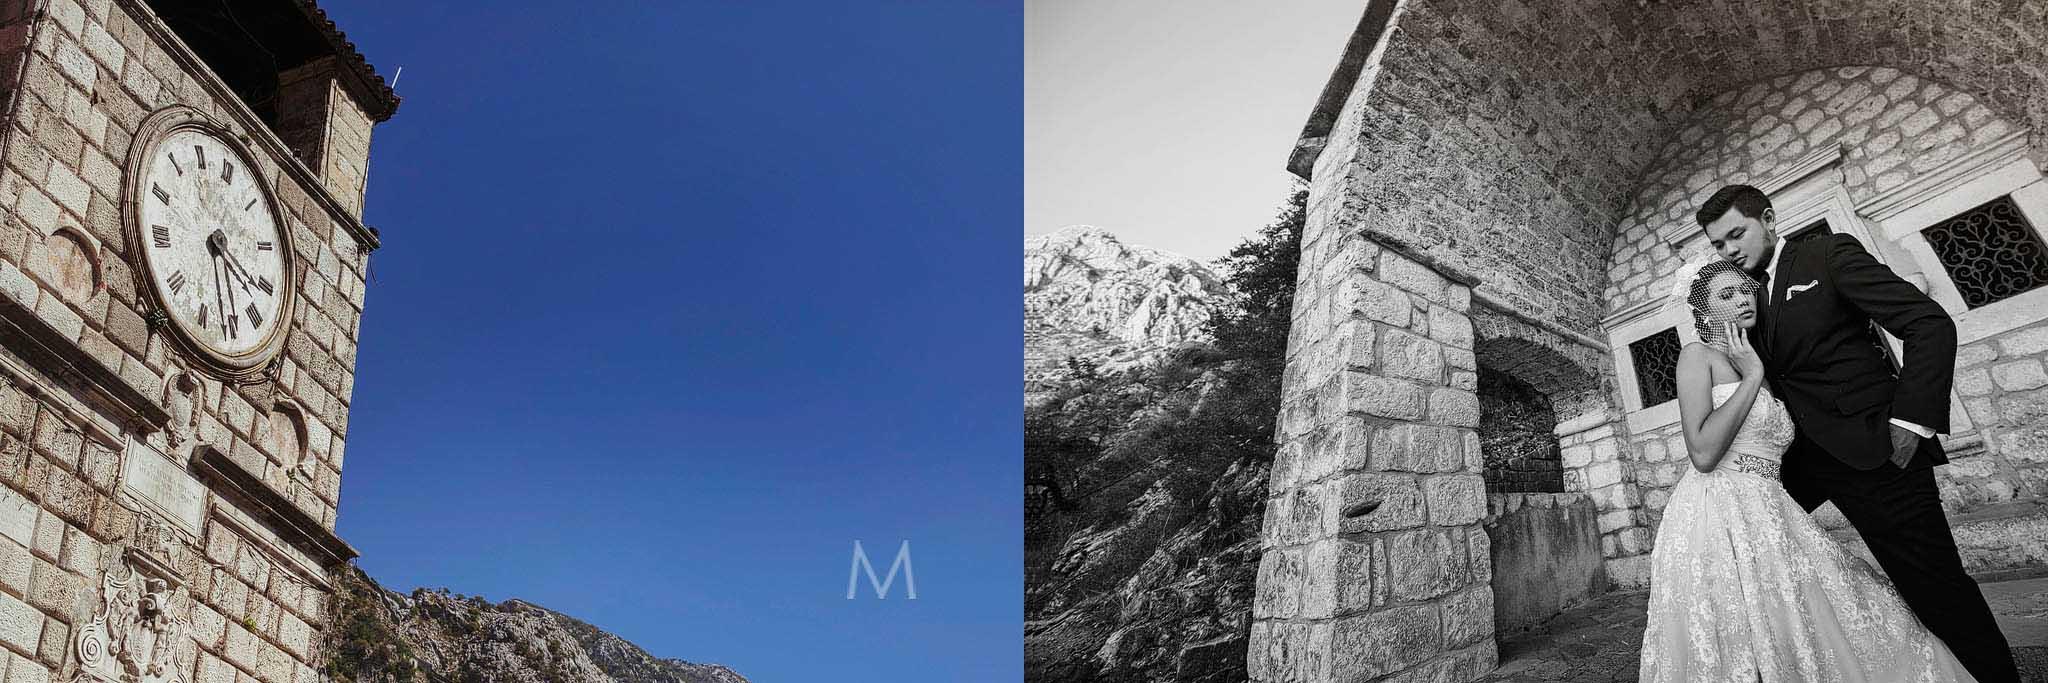 margaux_francis_tb2_072